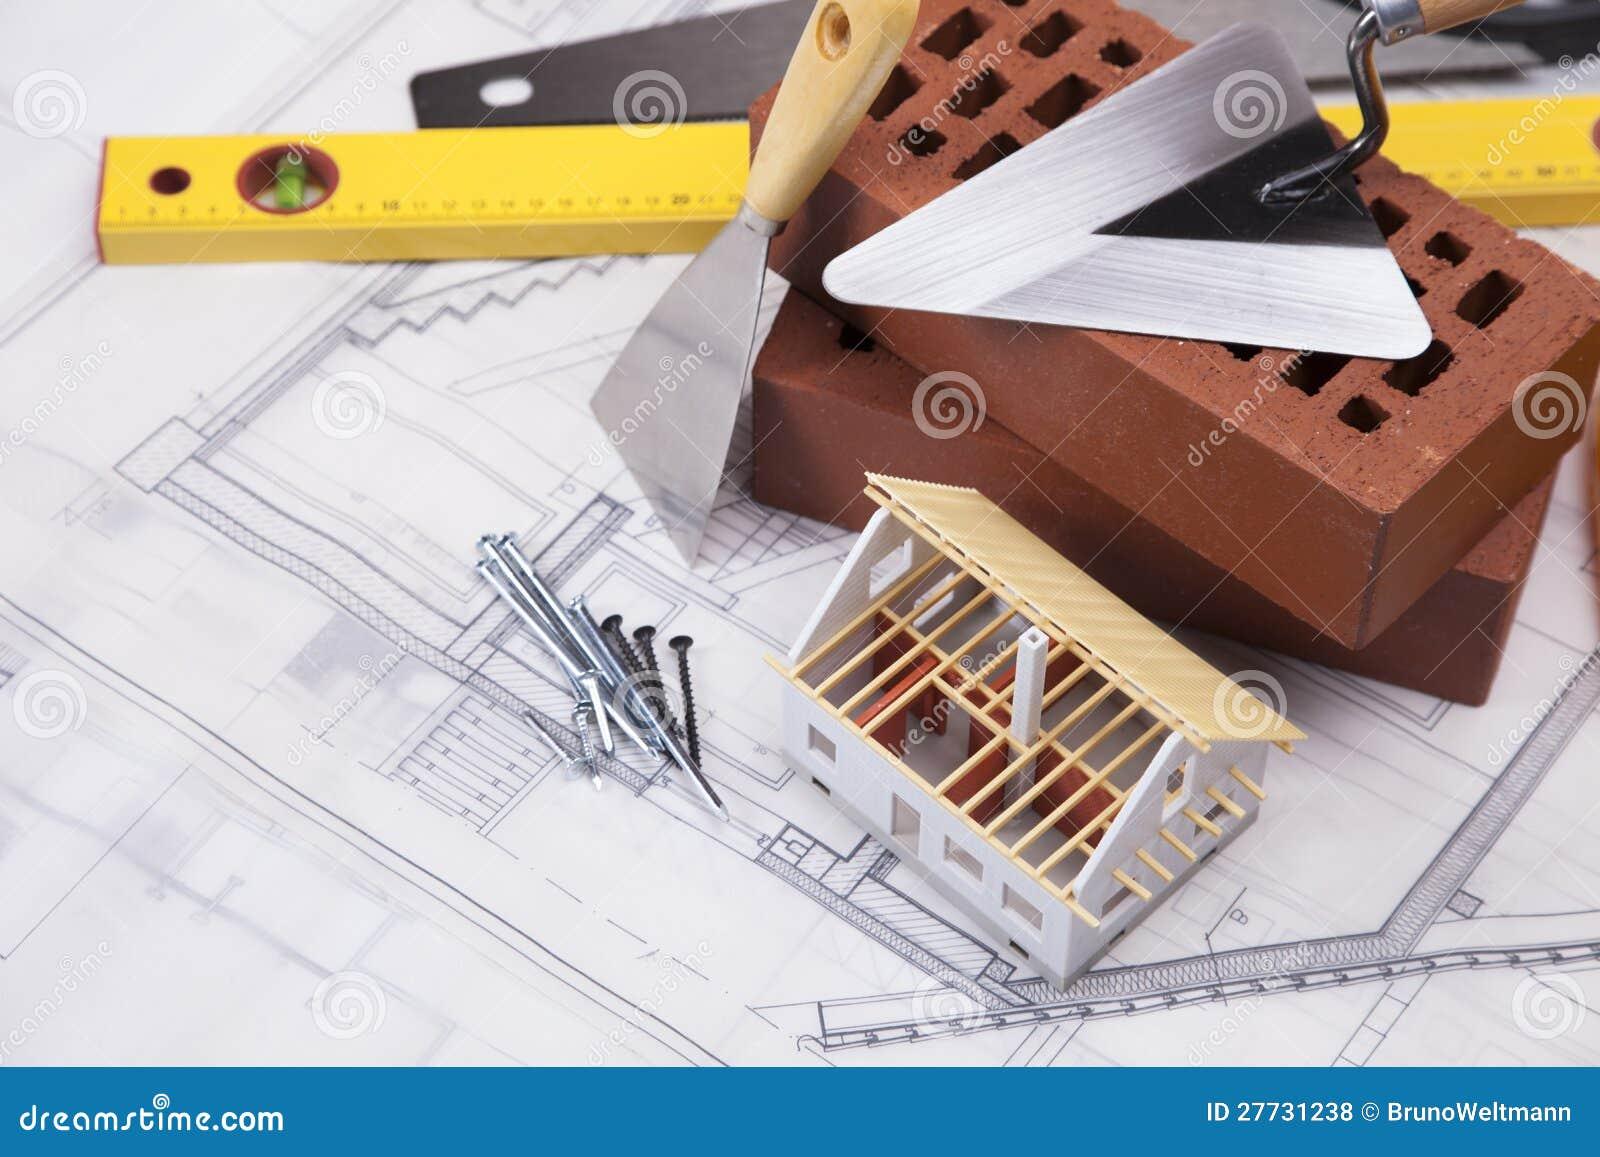 Gebäude und Baugeräte mit Hauptbetriebsart